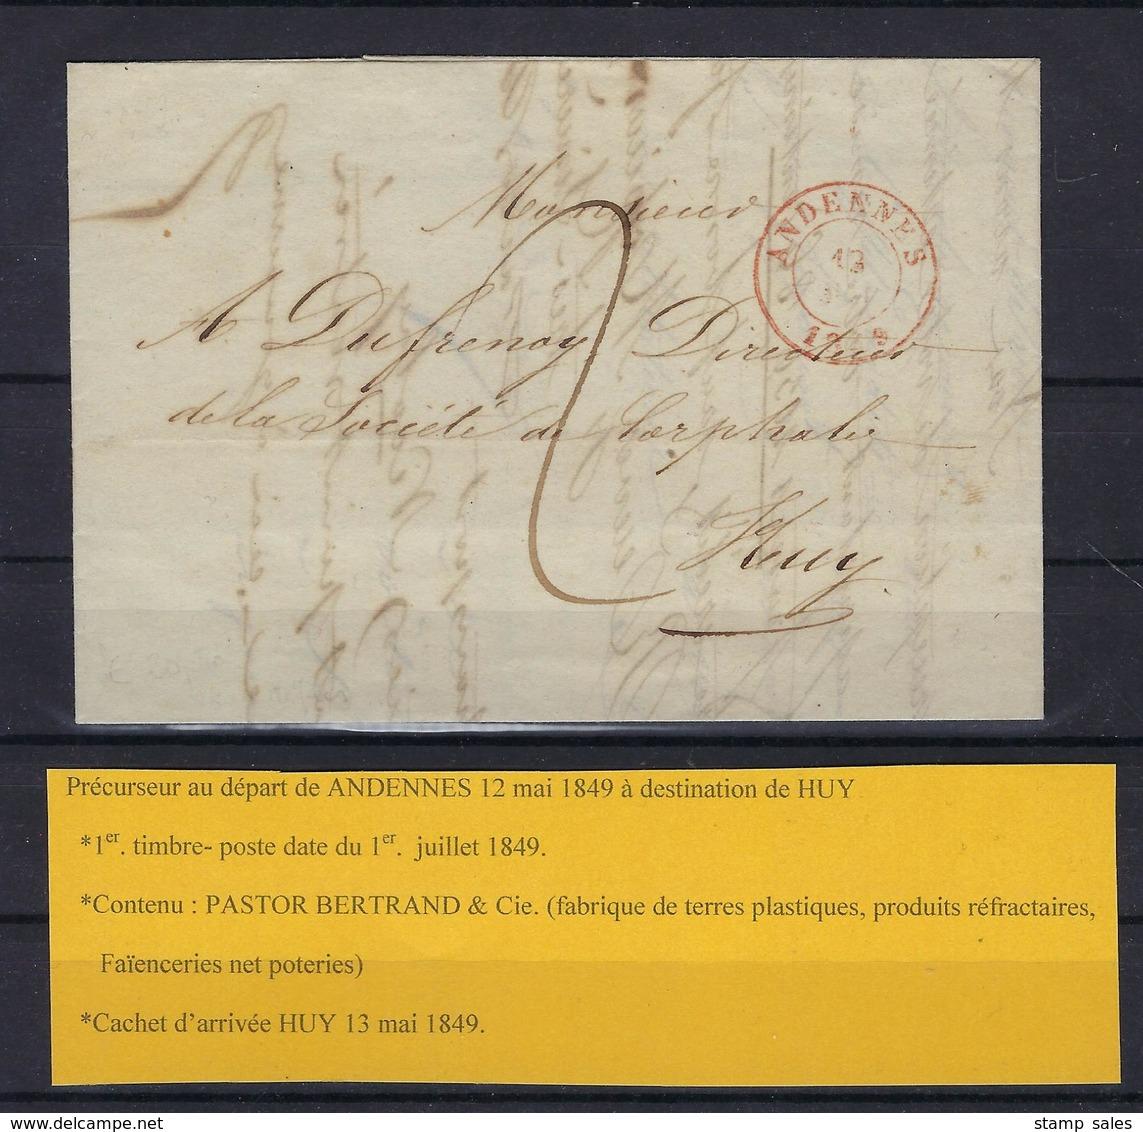 VOORLOPER 1849 VERZONDEN VAN Andennes NAAR Huy 13 Mai 1849 - 1830-1849 (Independent Belgium)